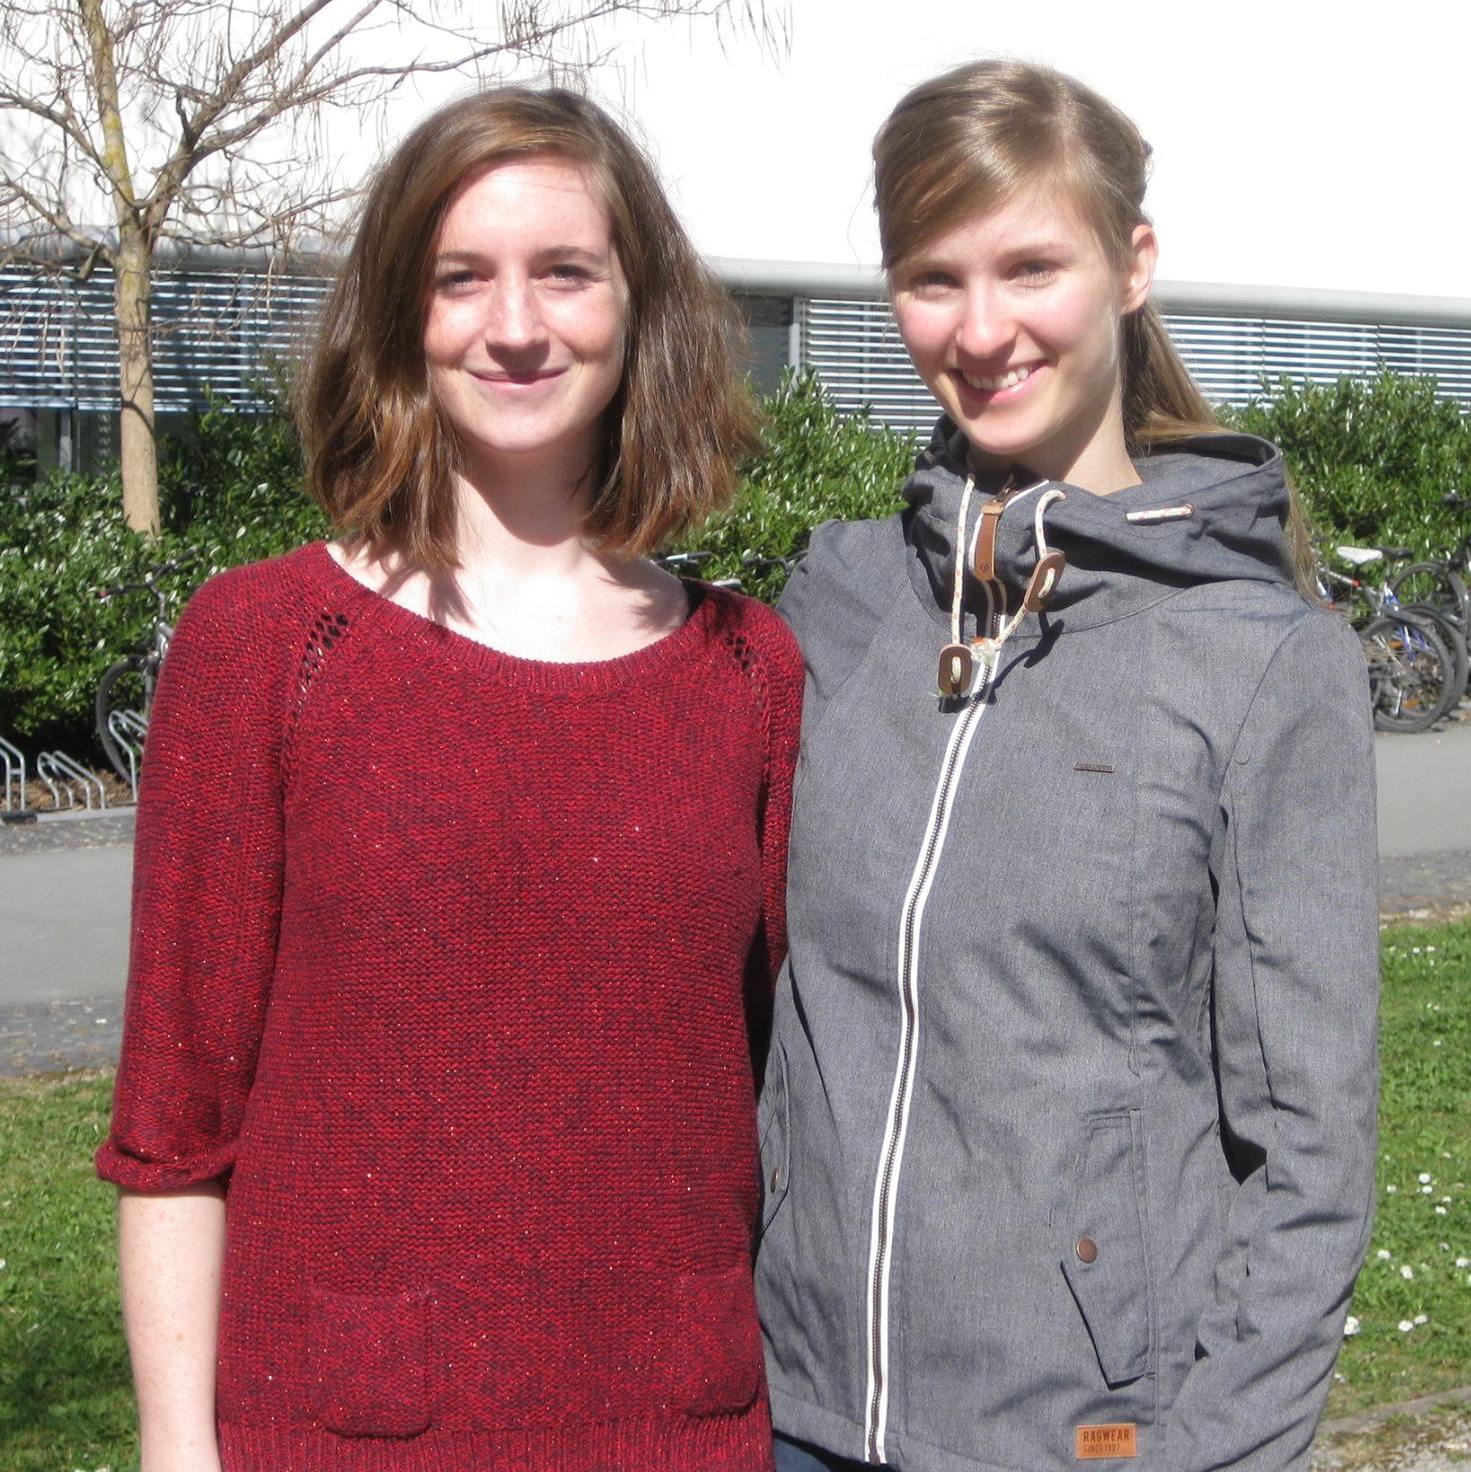 Gründerinnen der Lokalgruppe Katharina Schulz und Julia Holzapfel (v.l.) (2014)